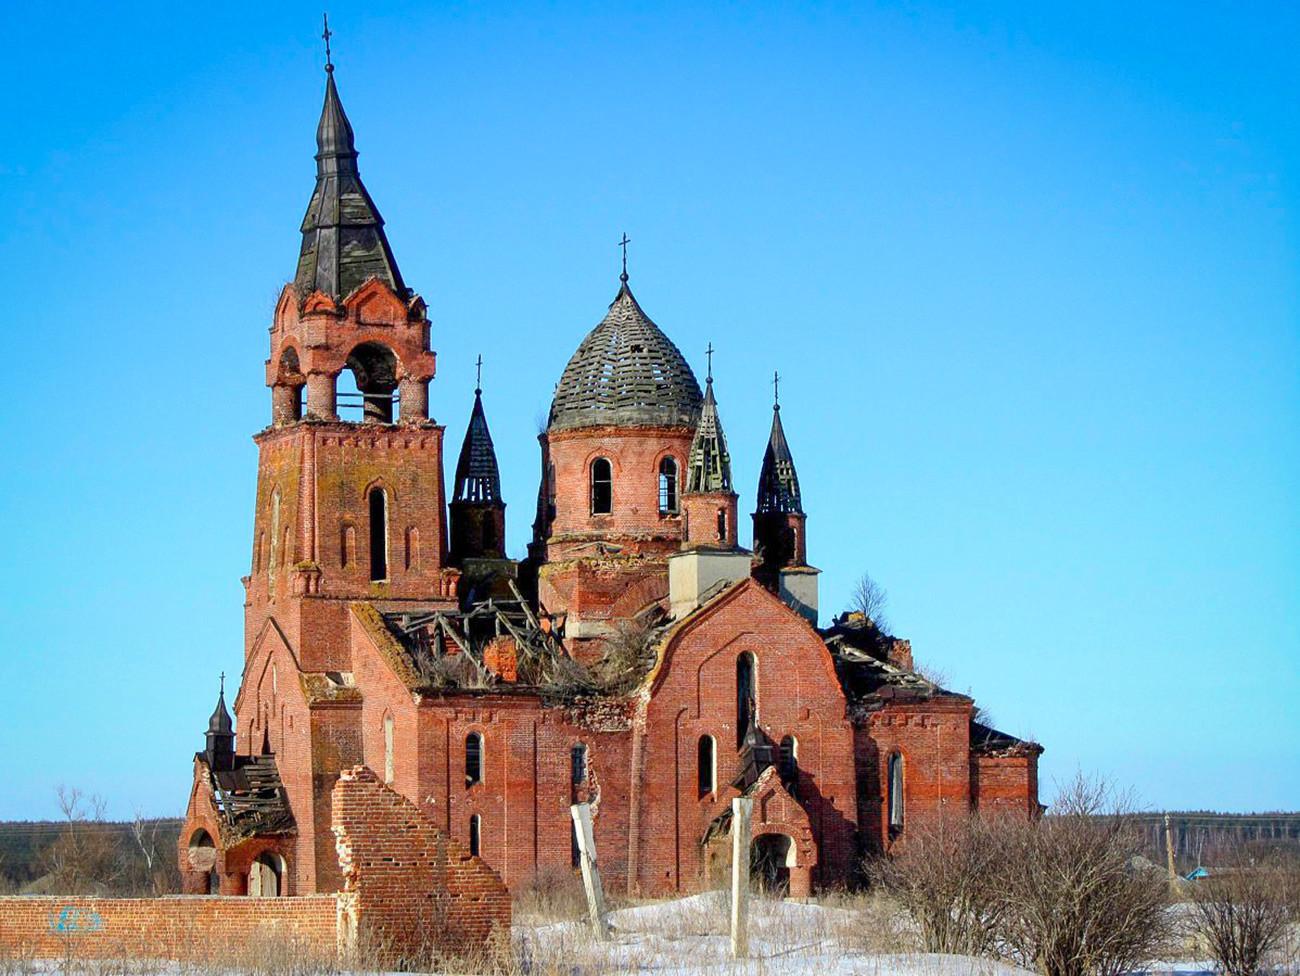 """Црквата """"Воведение во Храмот на Пресвета Богородица"""", село Пјот, Рјазанска област, ран 20. век"""